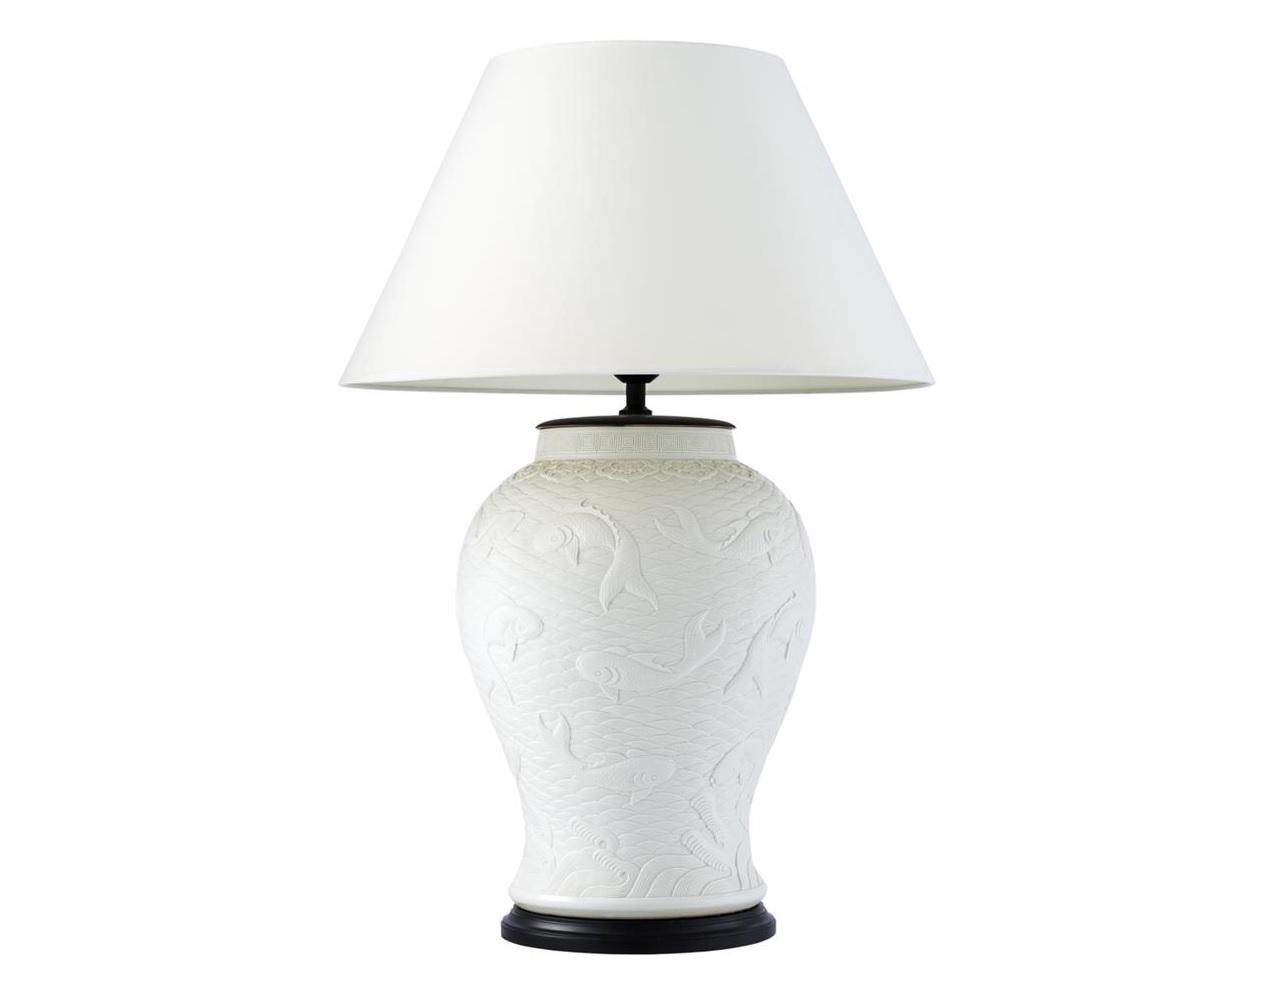 Настольная лампа Table Lamp DupointДекоративные лампы<br>&amp;lt;div&amp;gt;Вид цоколя: E27&amp;lt;br&amp;gt;&amp;lt;/div&amp;gt;&amp;lt;div&amp;gt;&amp;lt;div&amp;gt;Мощность: 60W&amp;lt;/div&amp;gt;&amp;lt;div&amp;gt;Количество ламп: 1 (нет в комплекте)&amp;lt;/div&amp;gt;&amp;lt;/div&amp;gt;<br><br>Material: Керамика<br>Height см: 96<br>Diameter см: 65